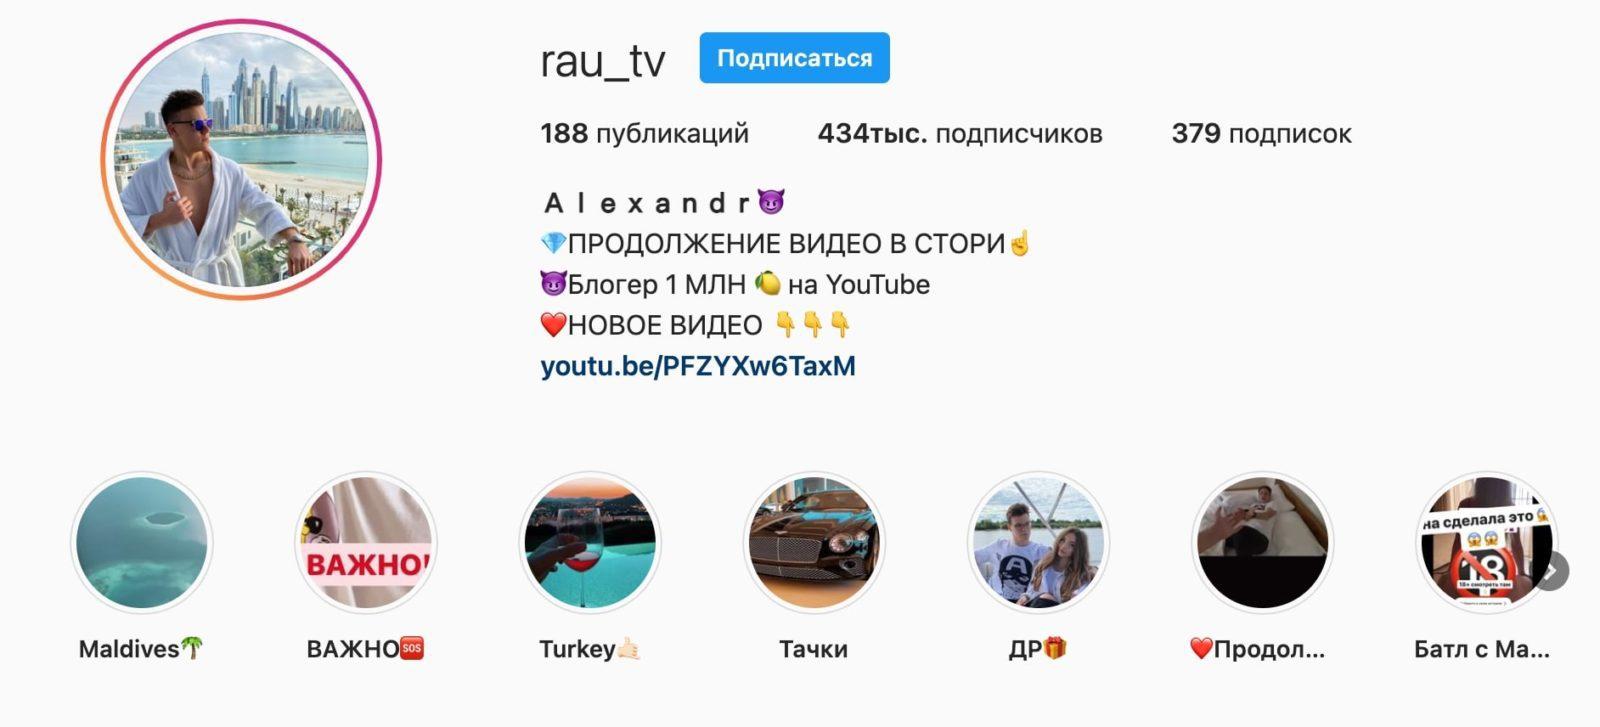 Инстаграм аккаунт каппера Rau Bet free (Рау Бет)